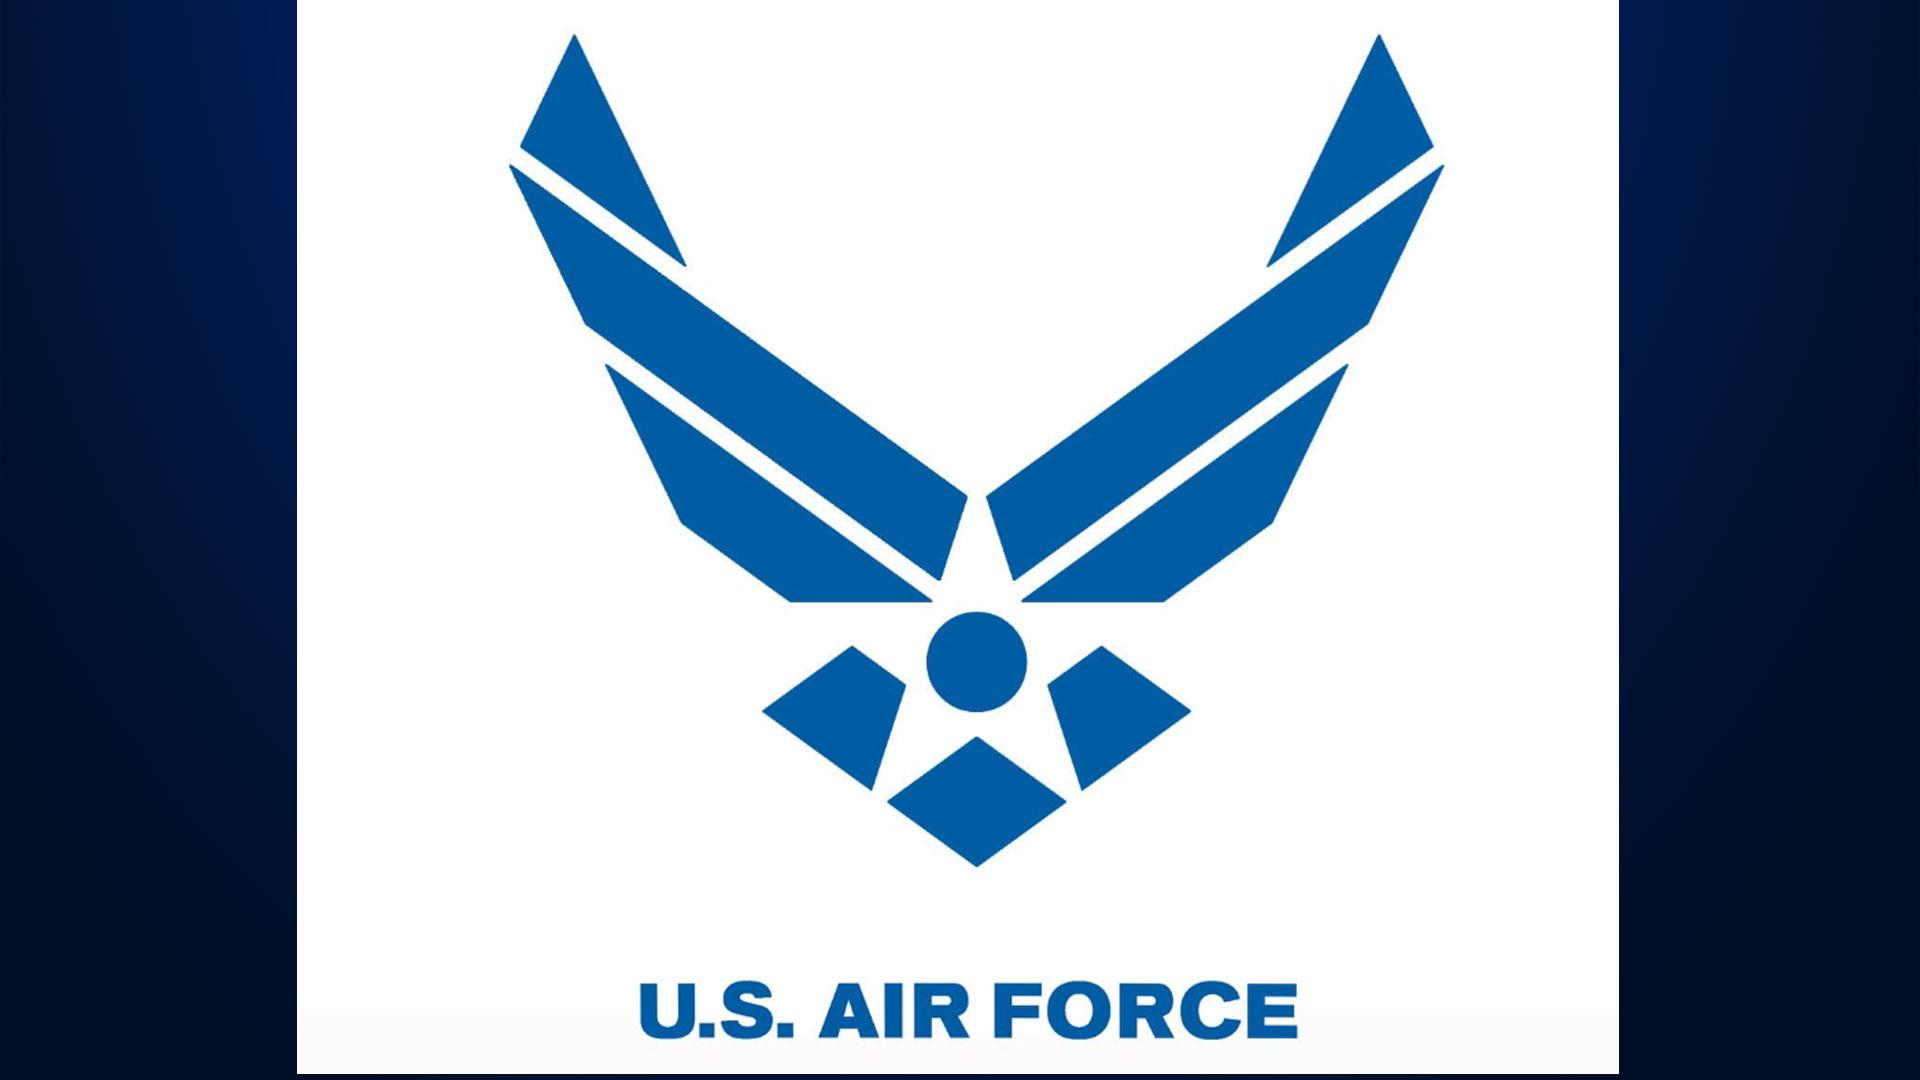 KELO Air Force